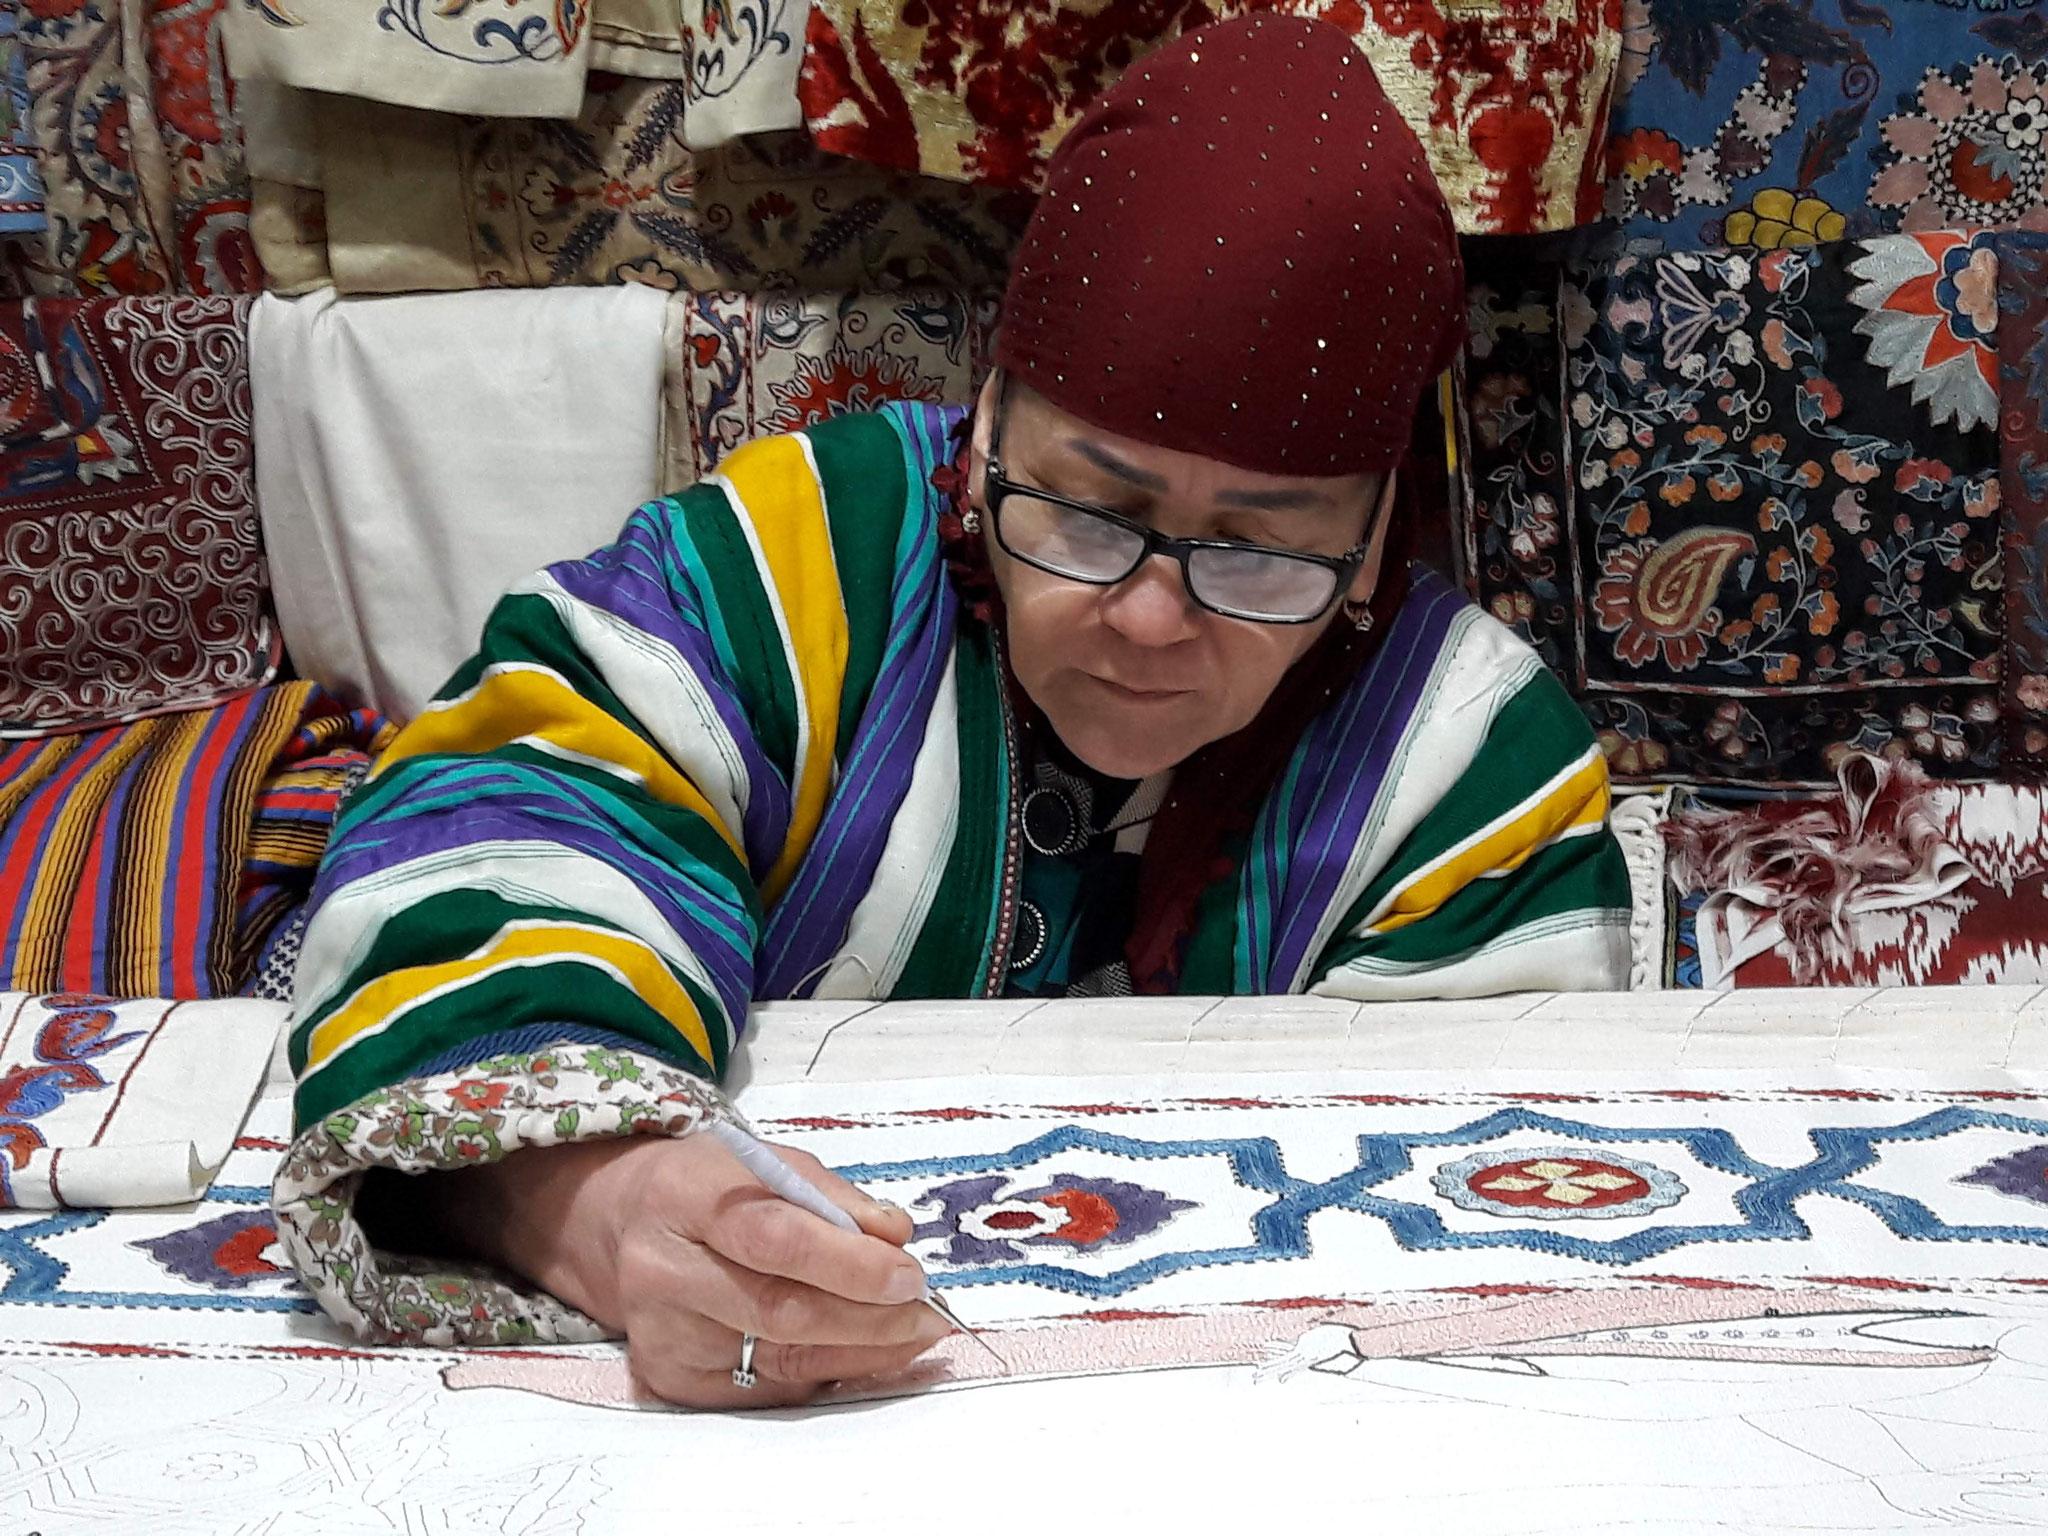 L'artisanat en Asie centrale